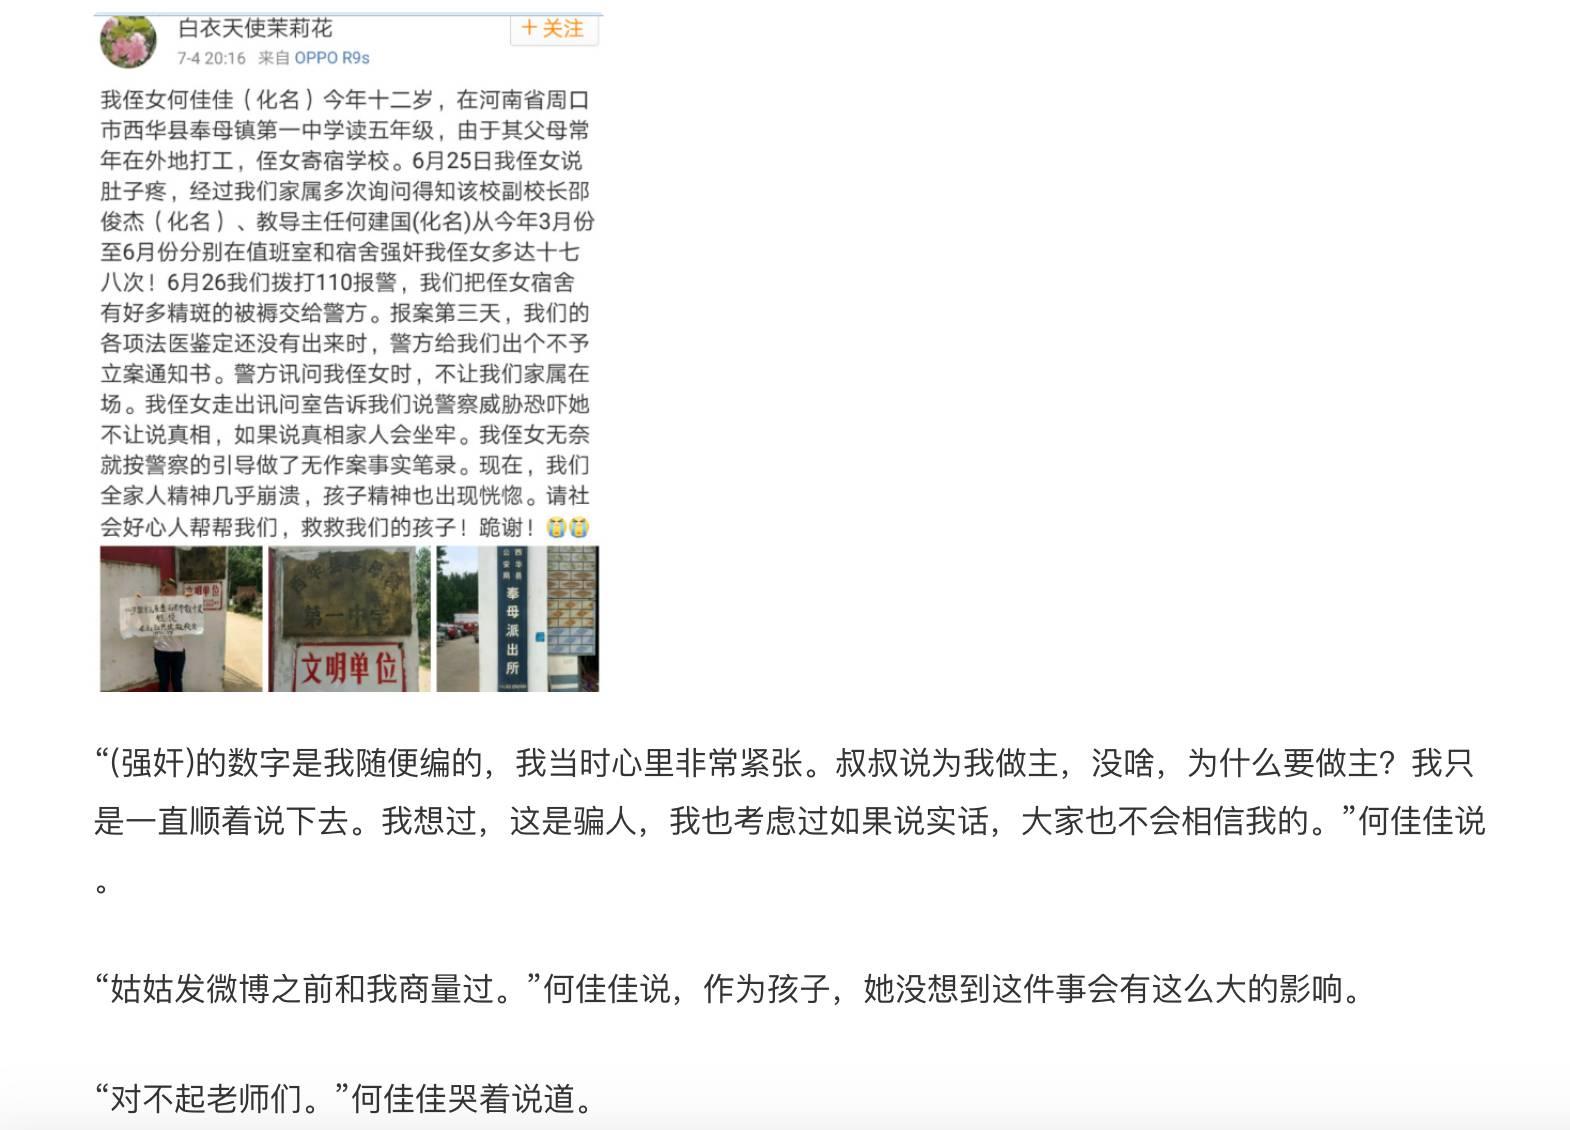 郭敬明取向:我们反对性总裁,但坚决尊重性侵犯女生事件吻图片